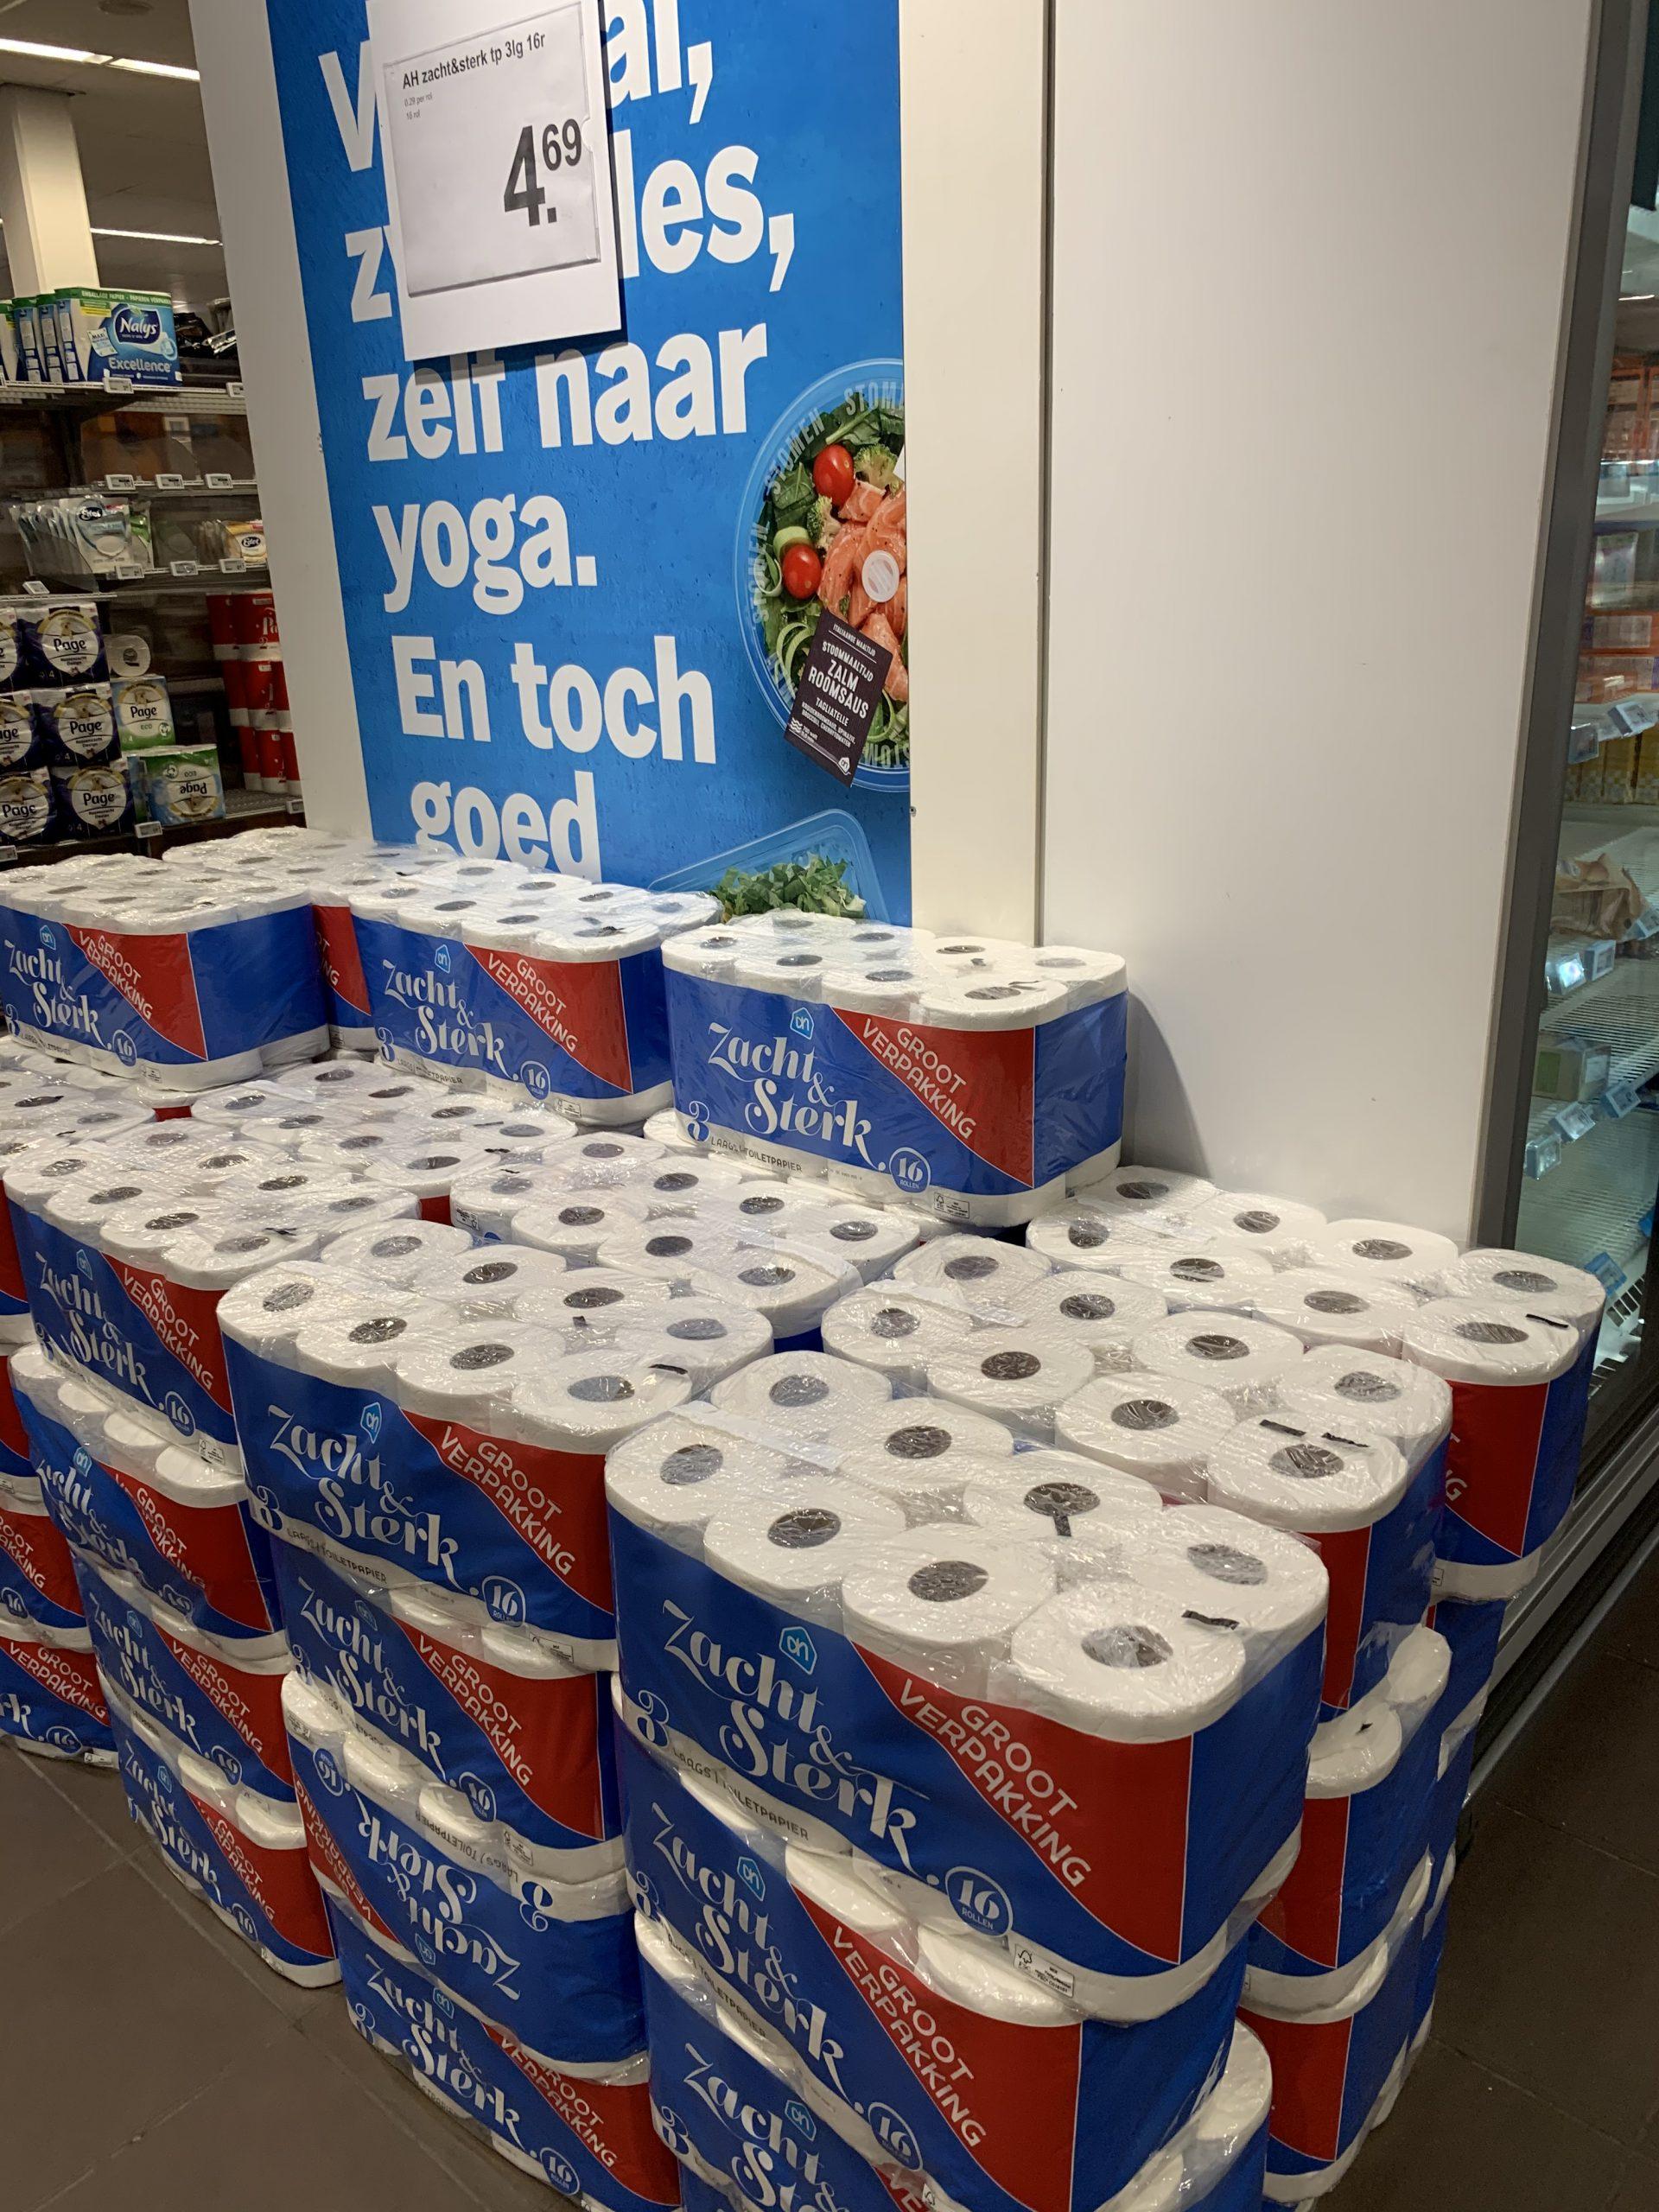 Hamsteren toiletpapier verklaard!